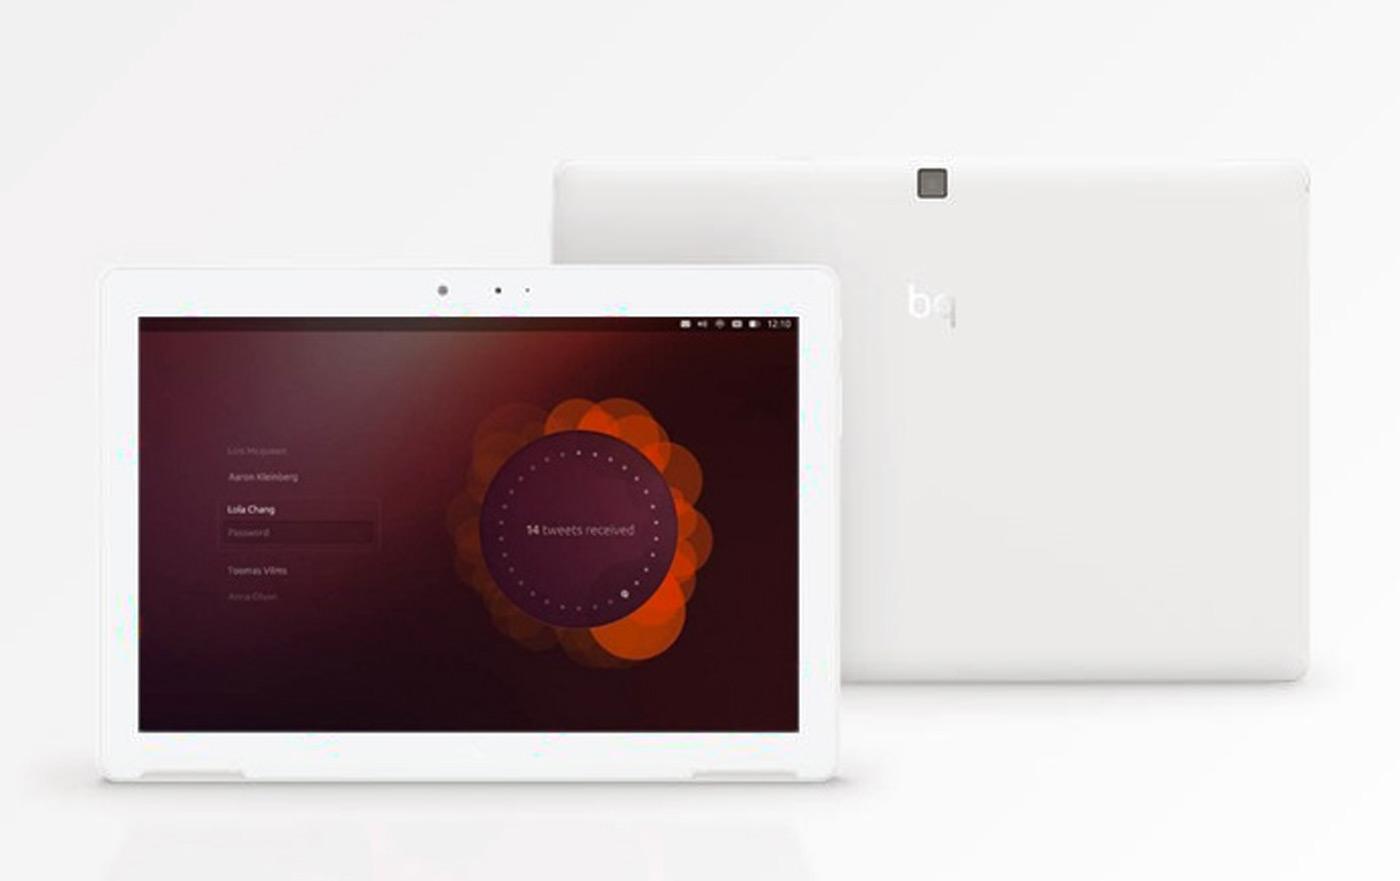 BQ va aduce la MWC o tabletă cu Ubuntu Linux